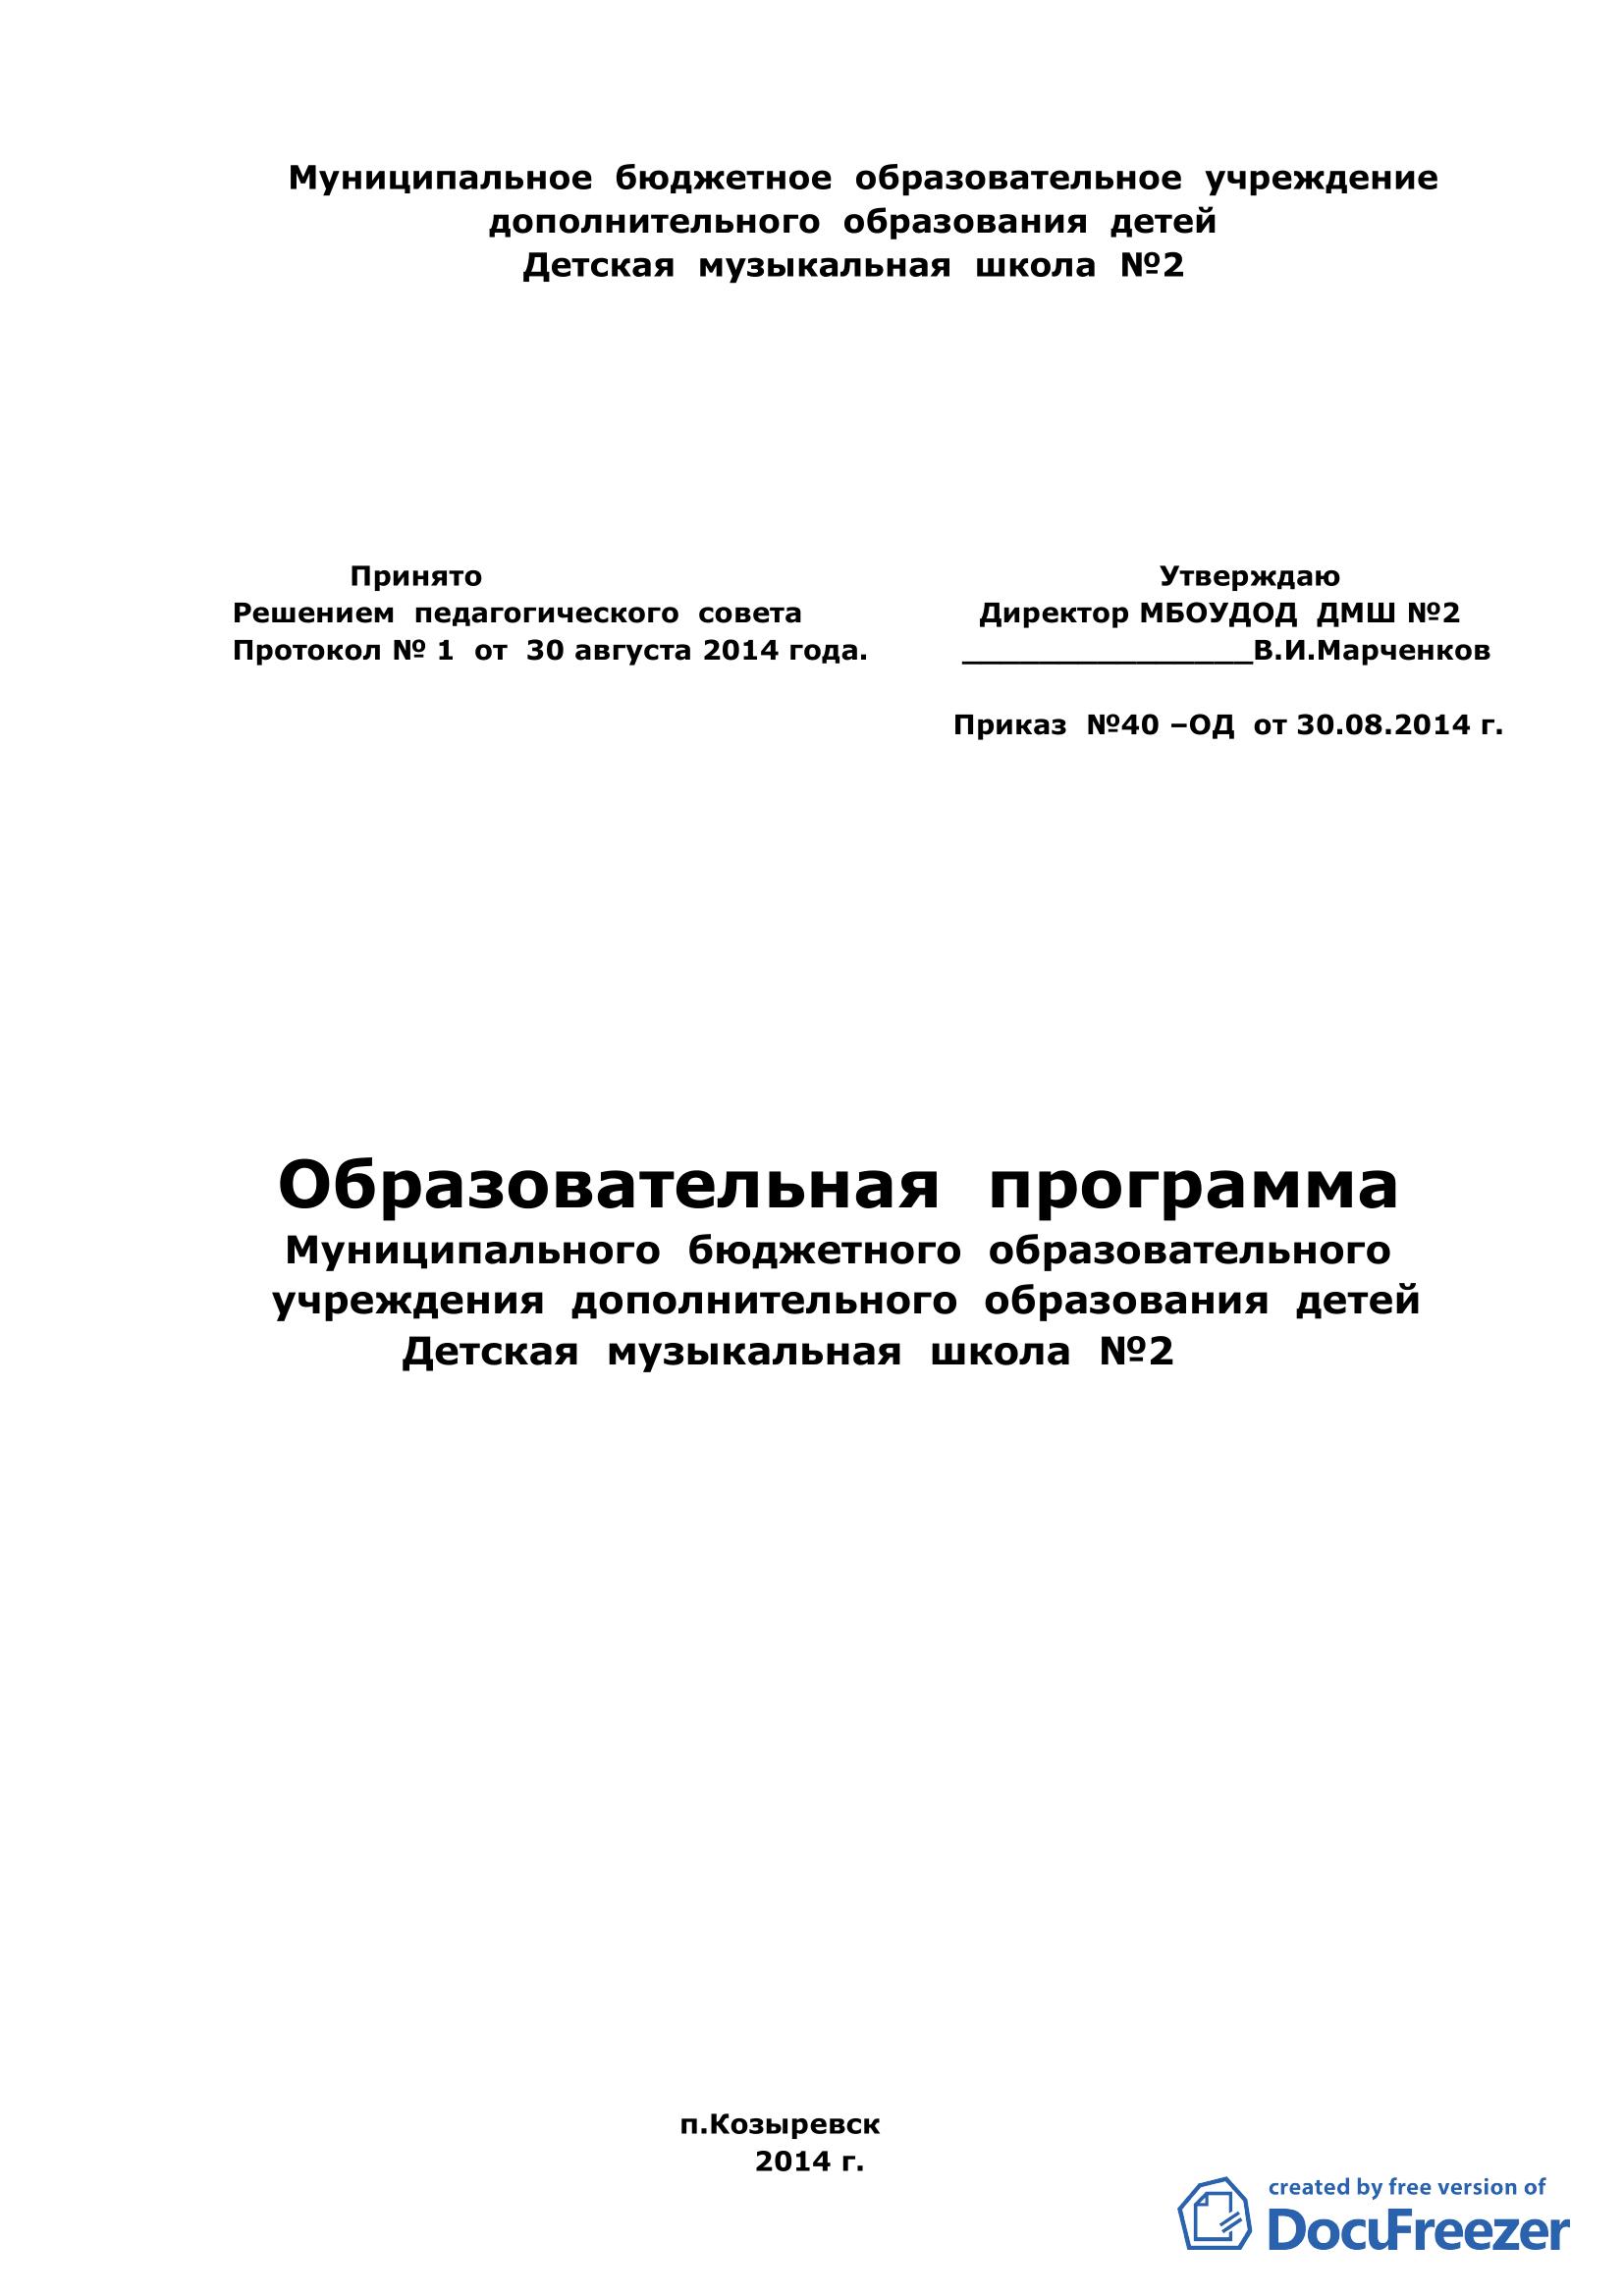 Образовательная программа ДМШ №2_1